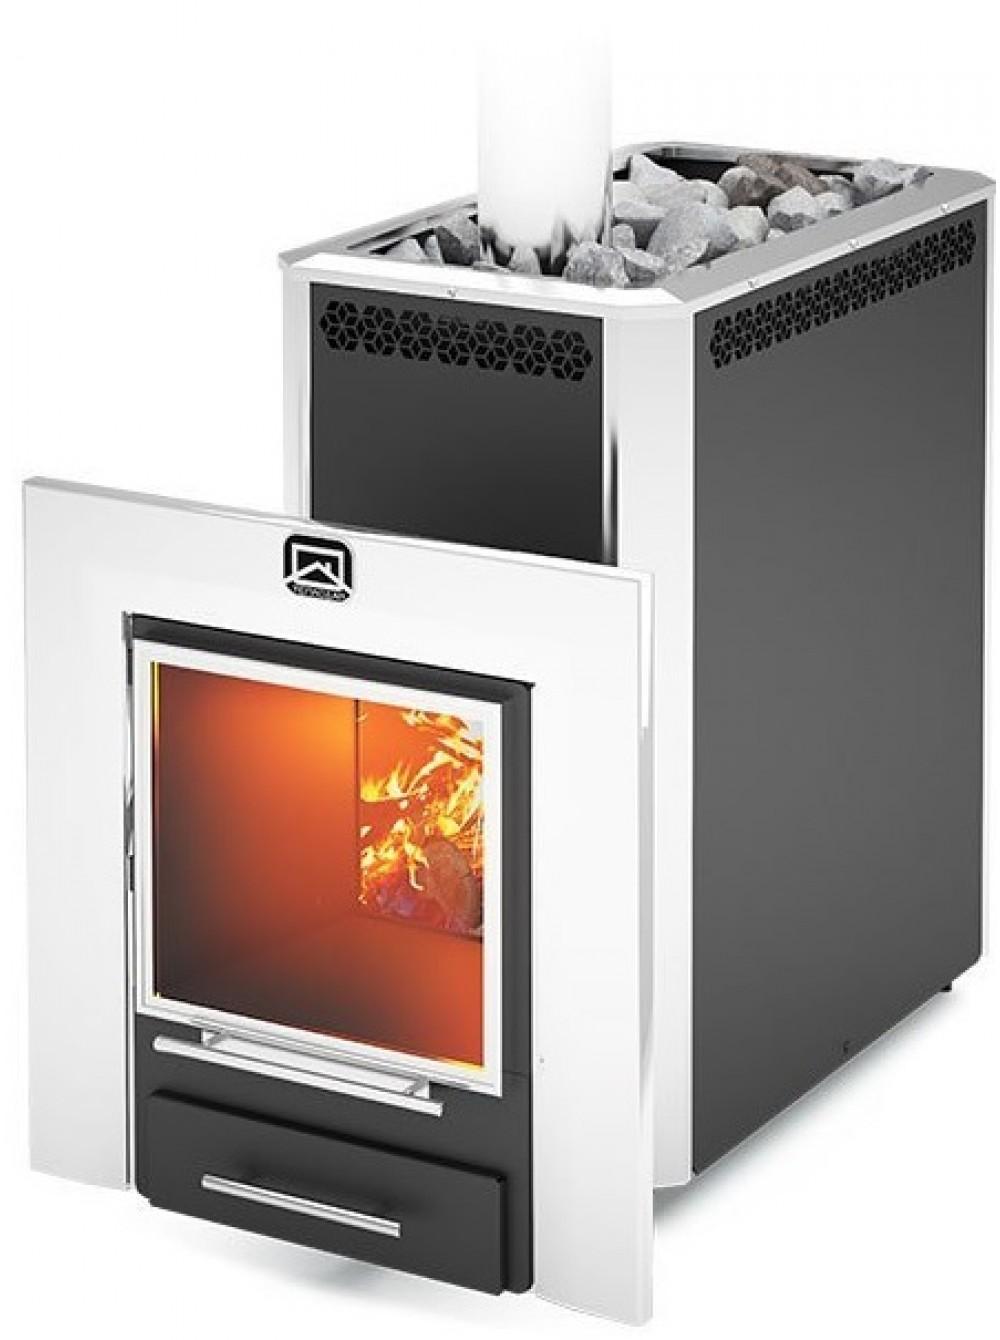 Как выбрать печь для бани гефест: топ-8 моделей с описанием технических характеристик и отзывы покупателей